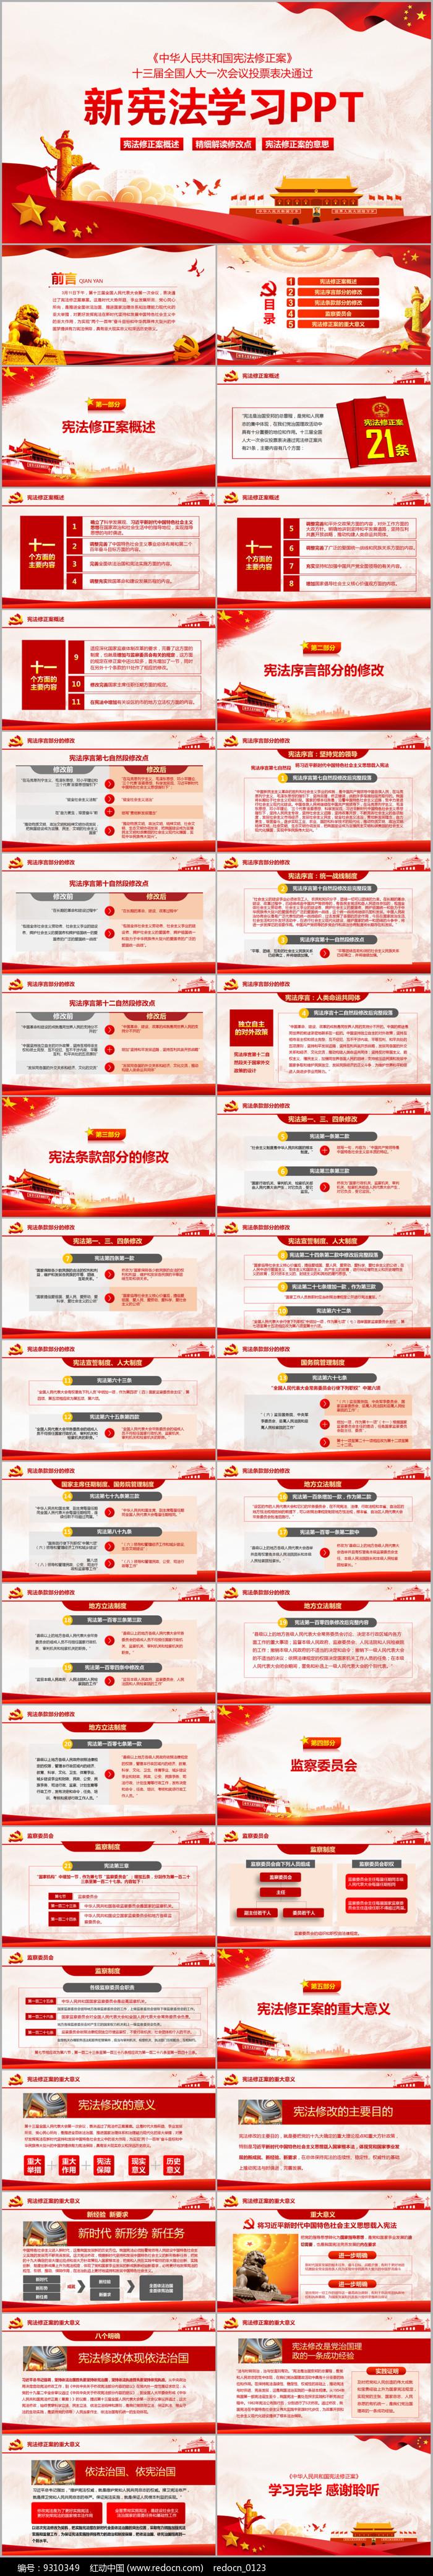 新宪法PPT中共中央宪法修改PPT图片